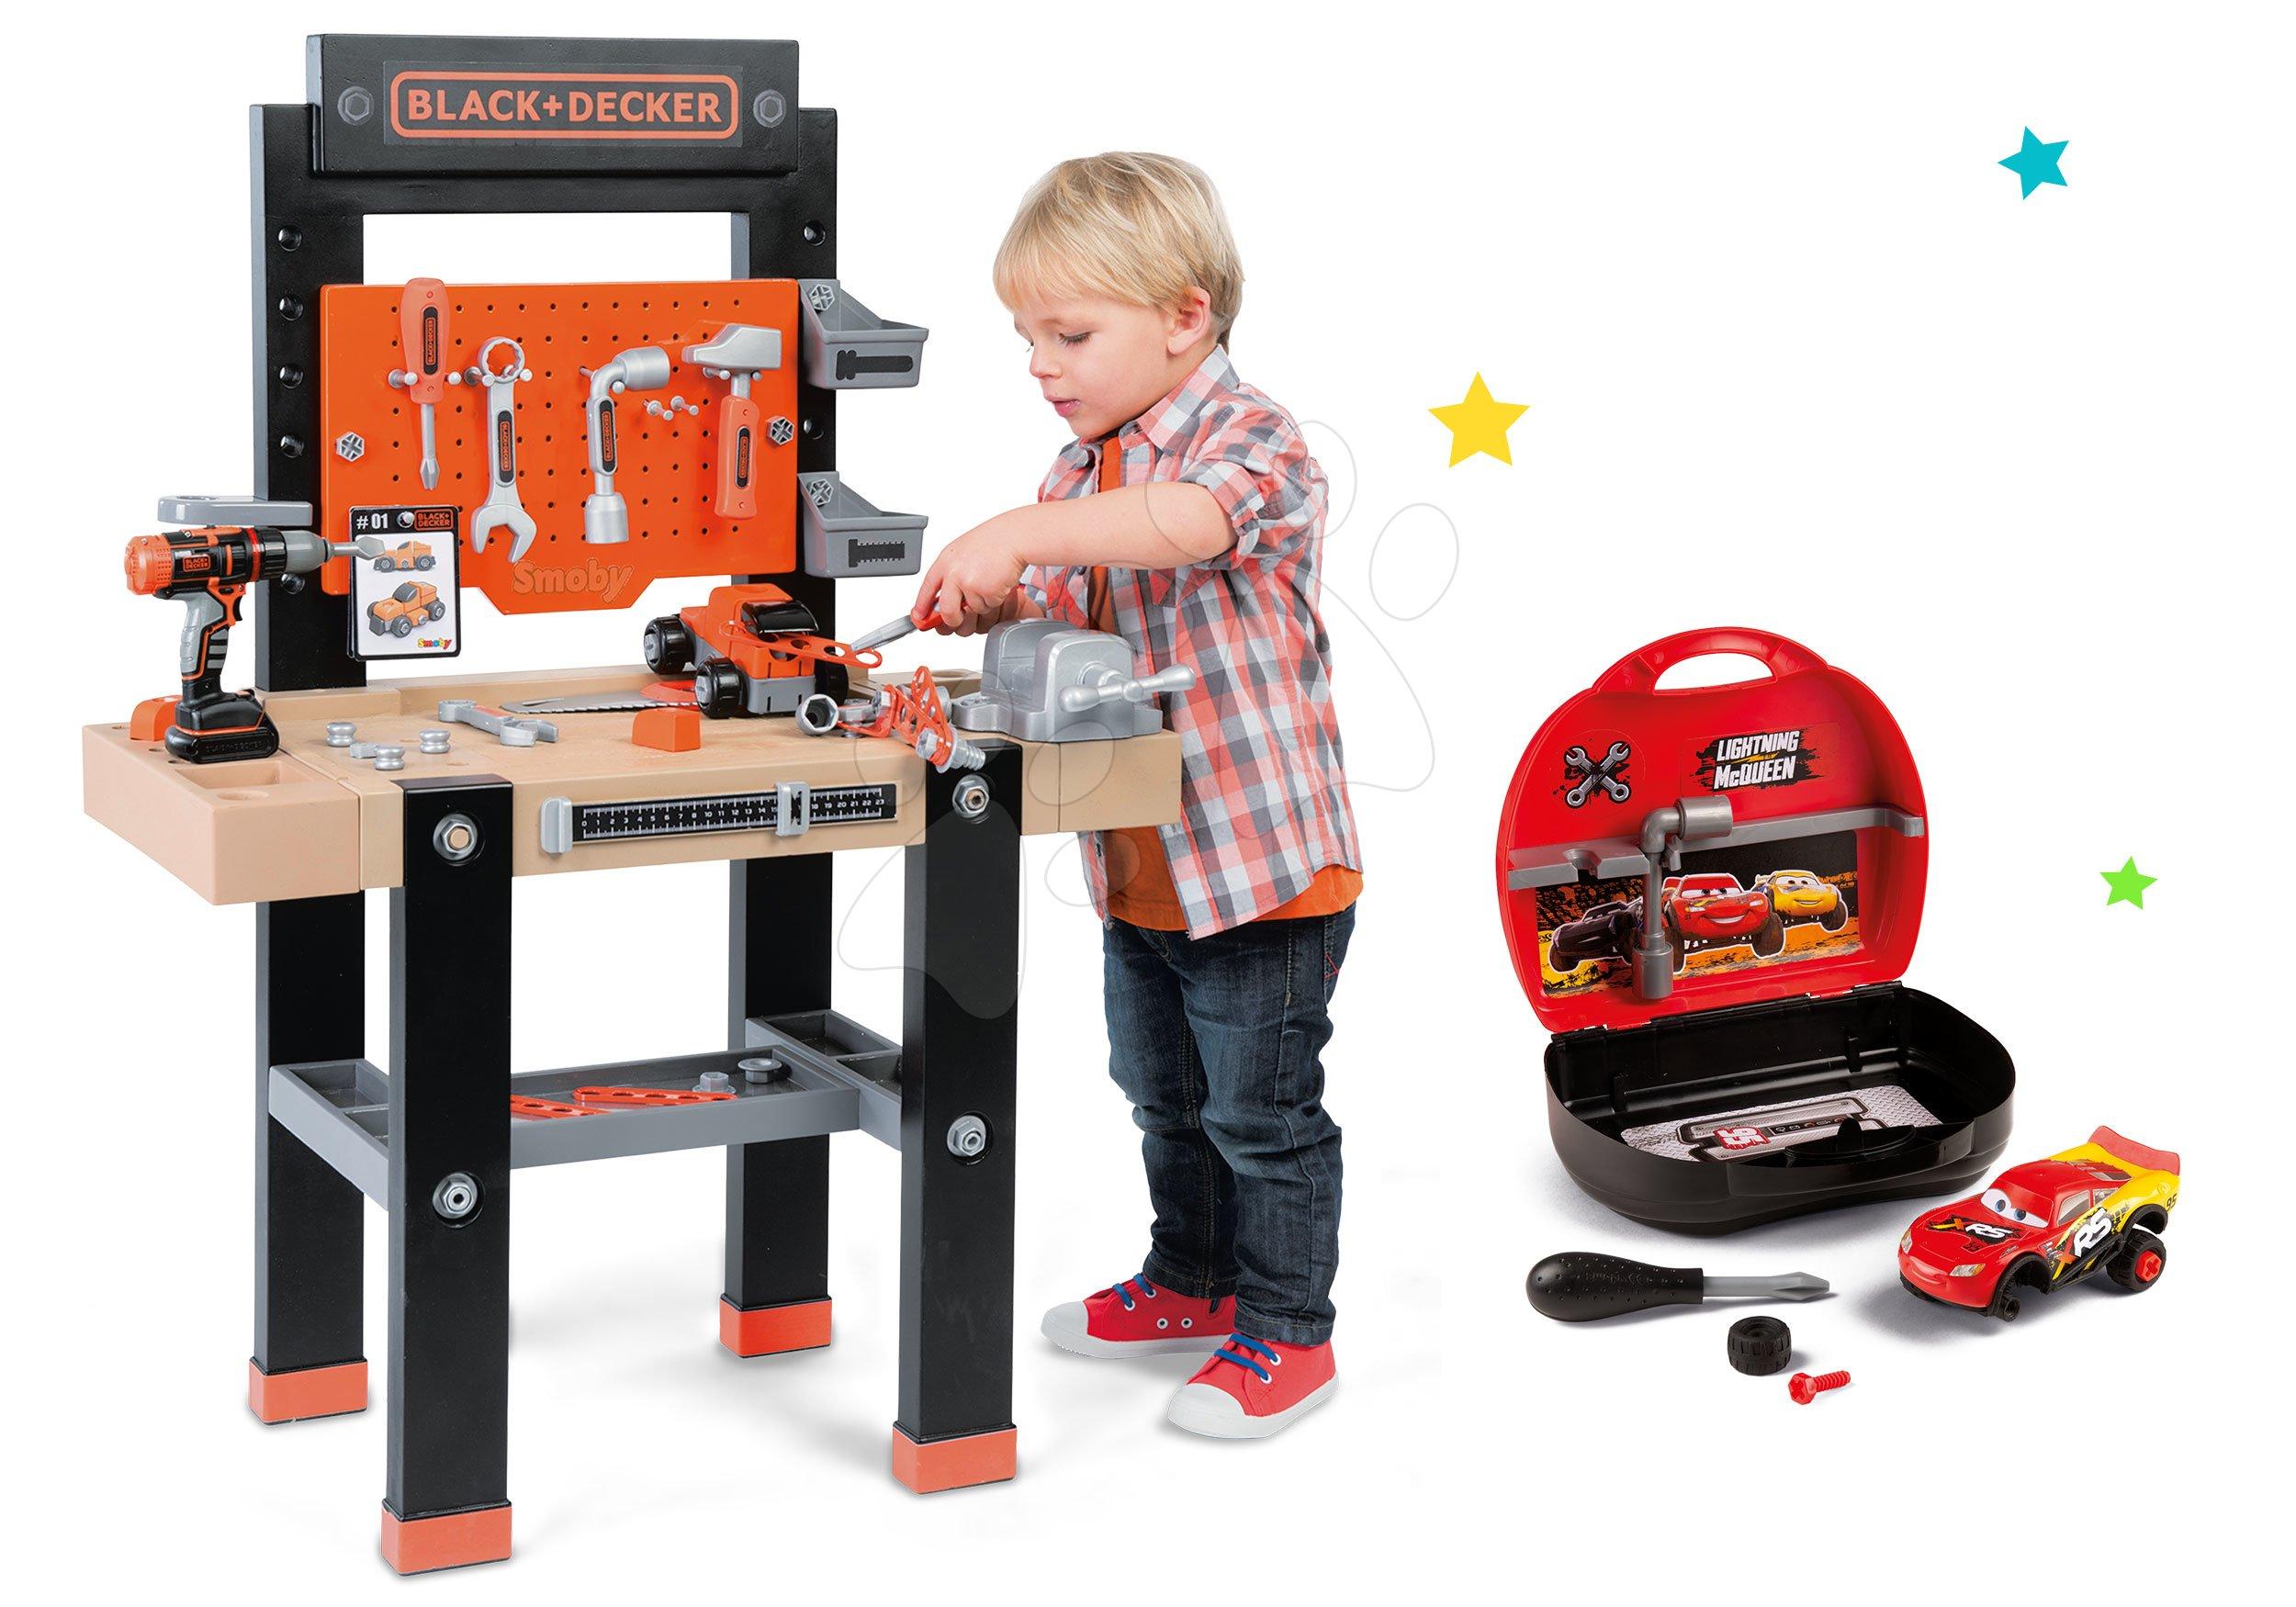 Smoby pracovní dílna pro děti Black+Decker a autoservis s autem McQueen 360701-2